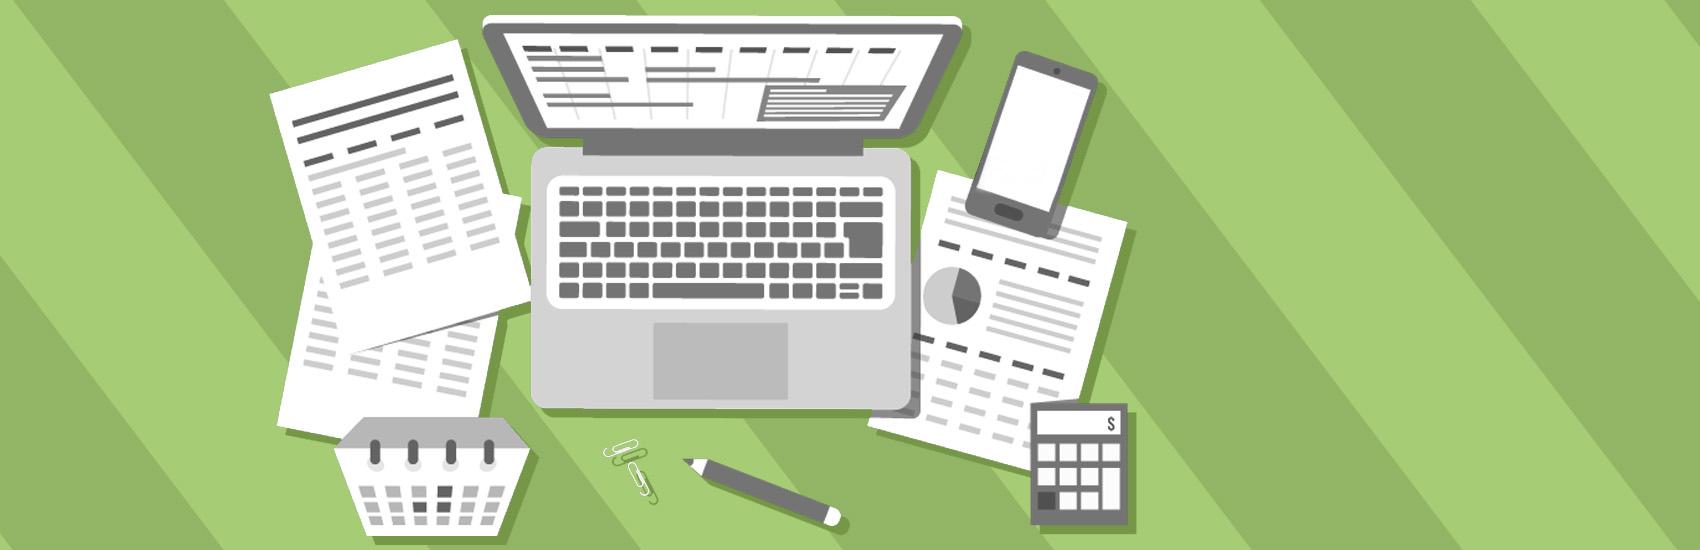 Разработка и внедрение программного продукта